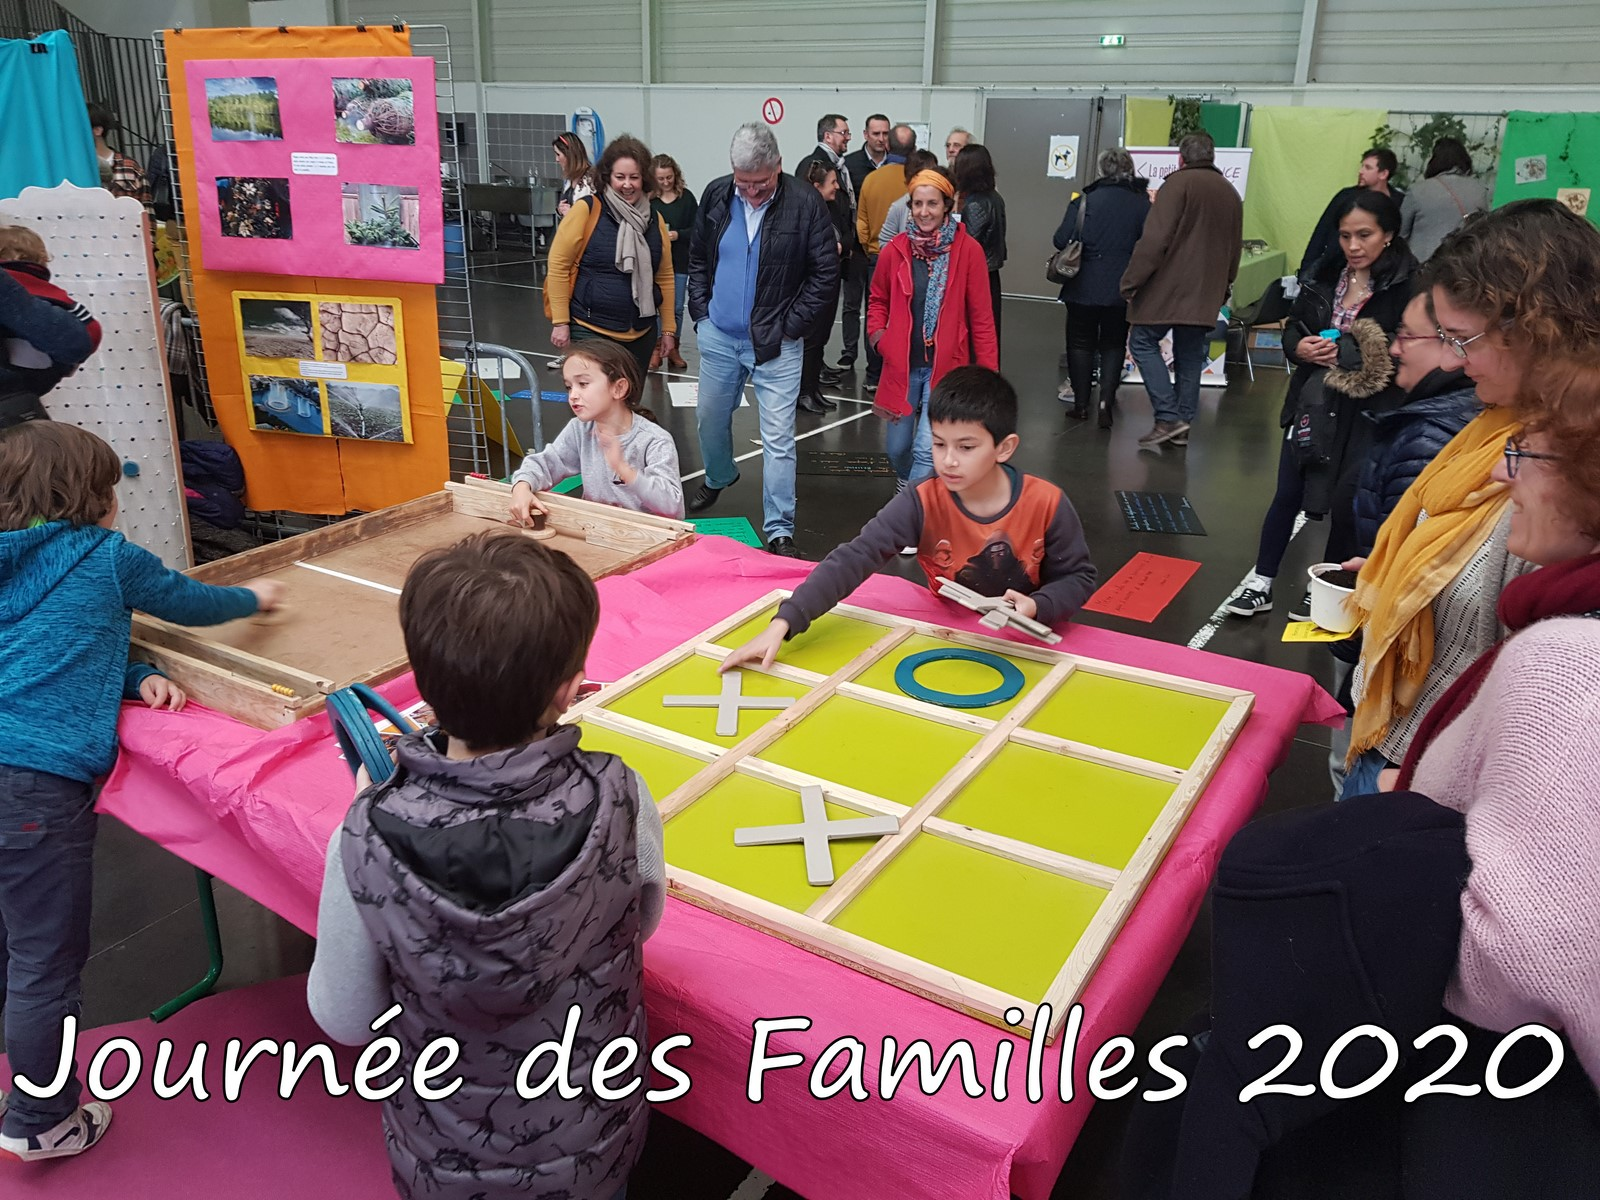 Journee-des-Familles-2020